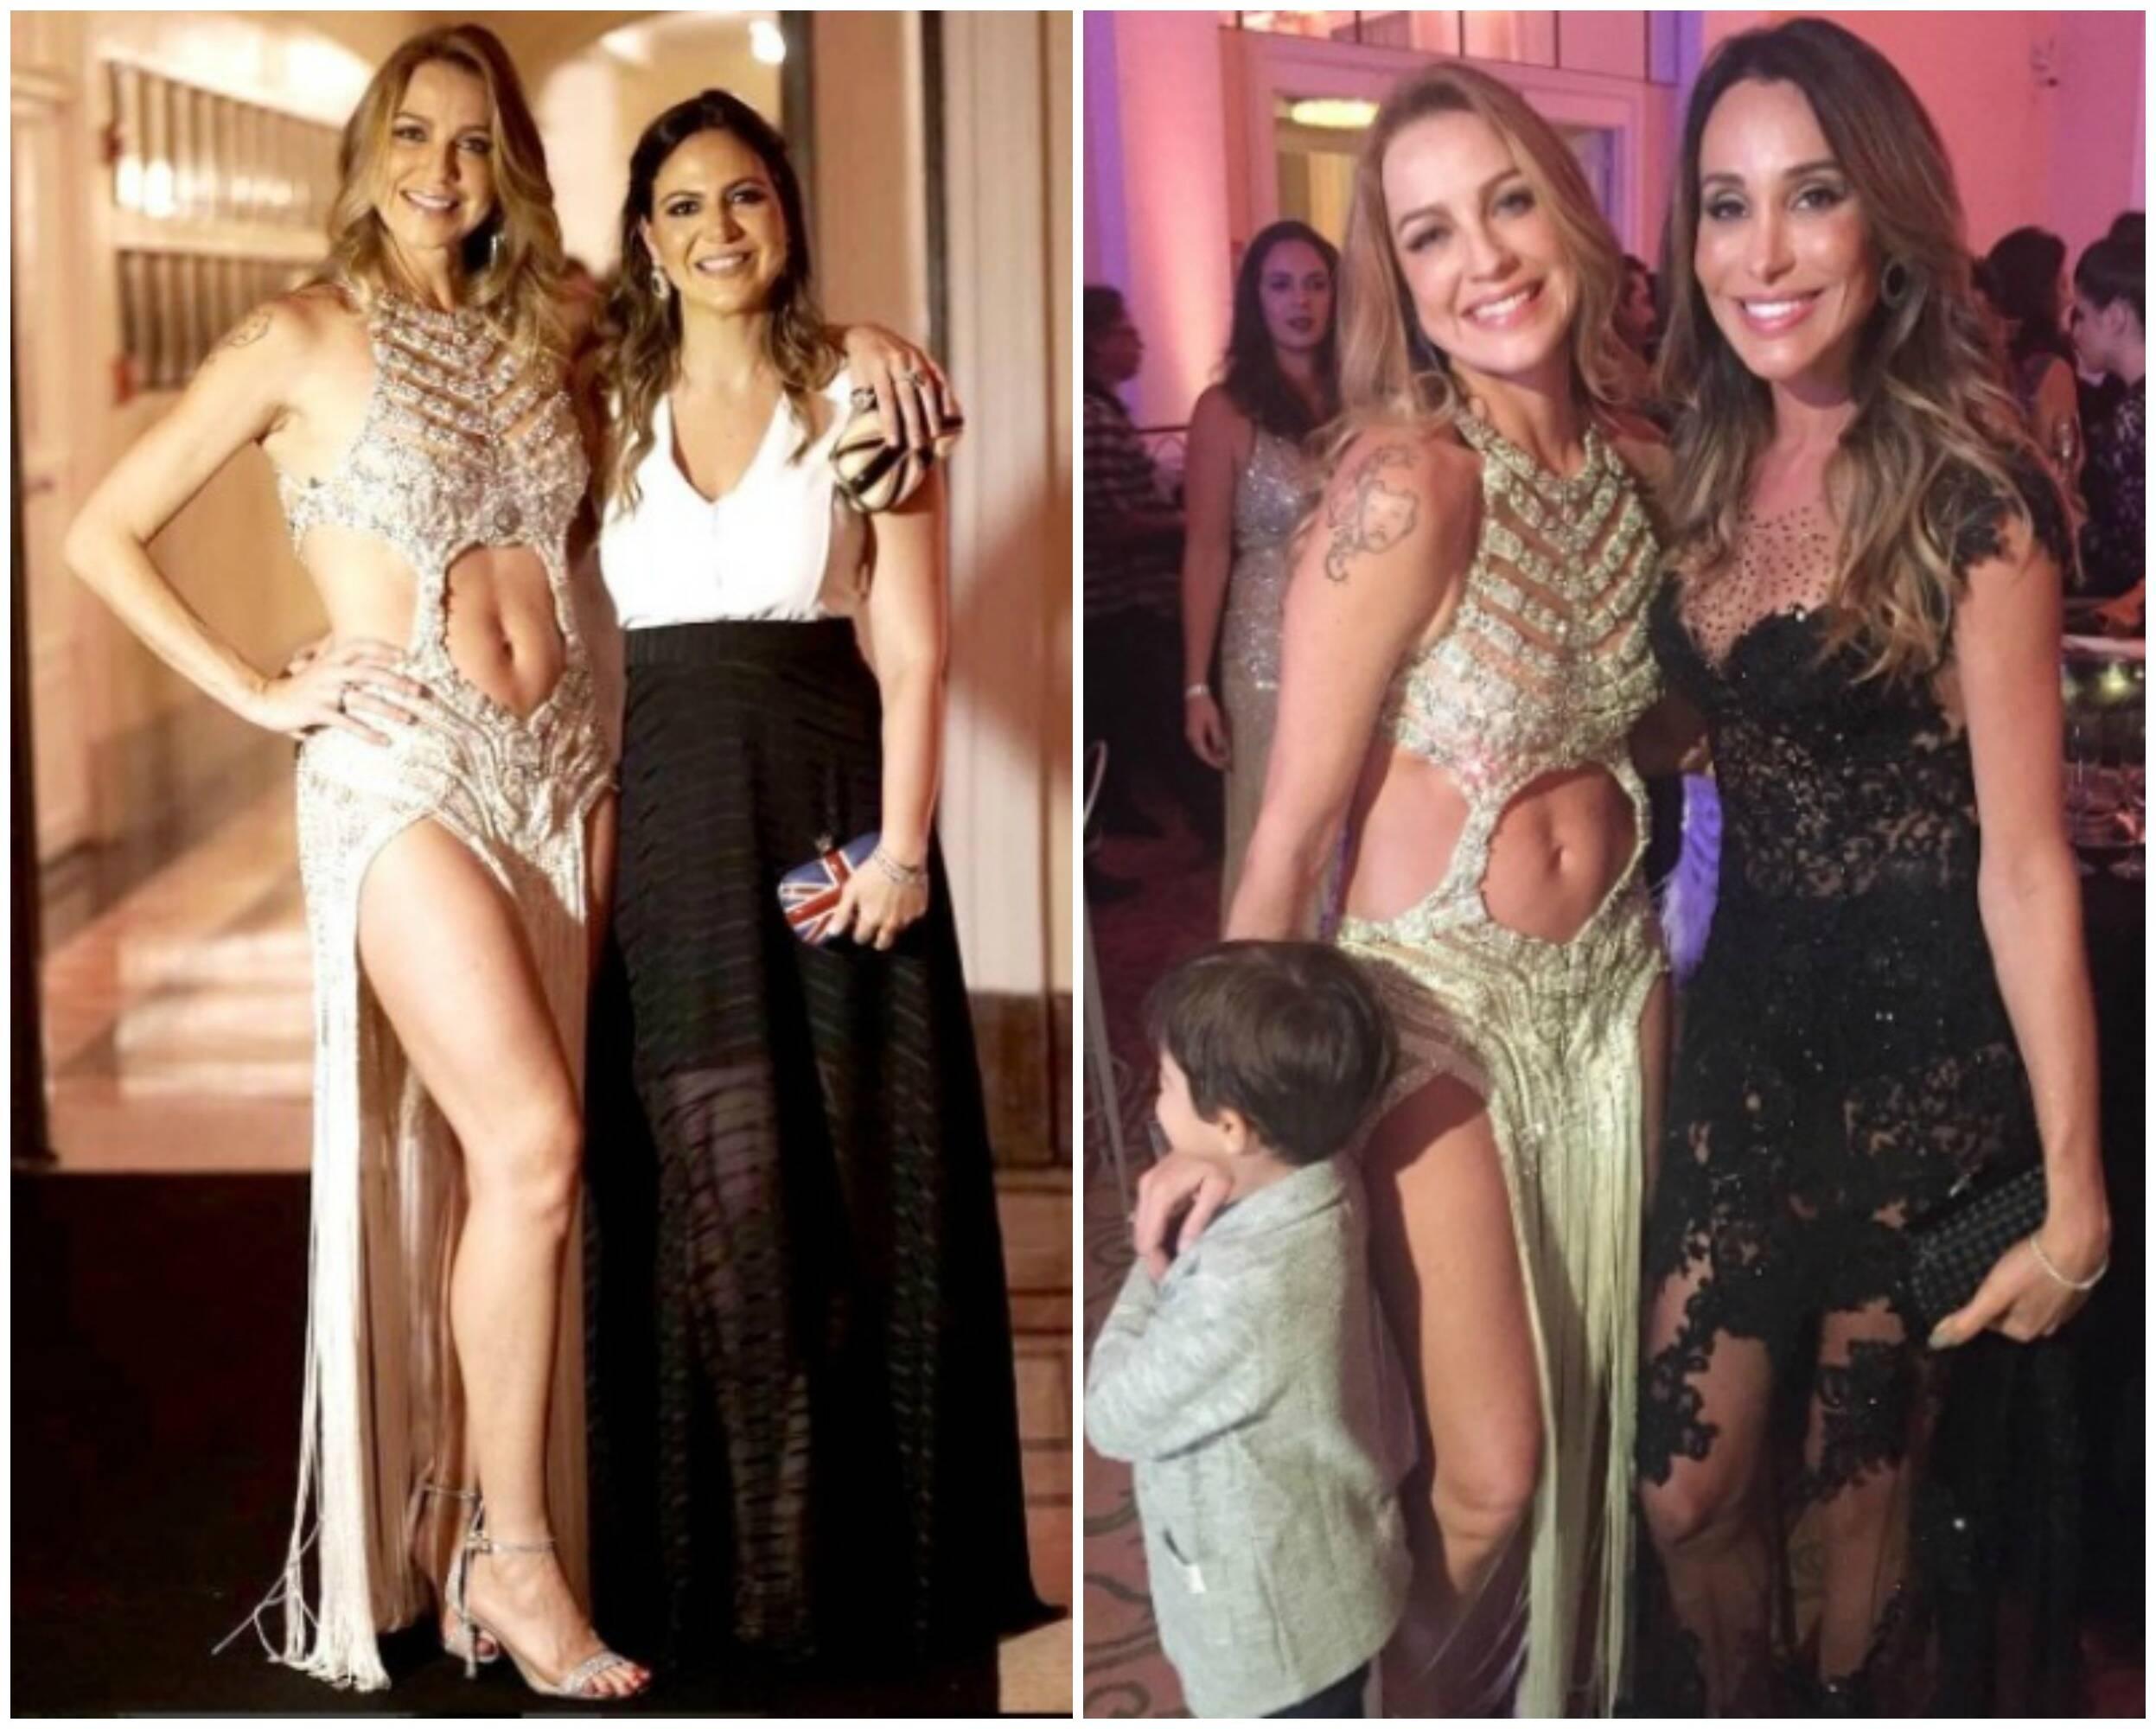 Luana Piovani e Carol Sampaio, à esquerda; ao lado, a atriz, o filho Dom e a modelo Carol Marra / Fotos: reprodução do Instagram